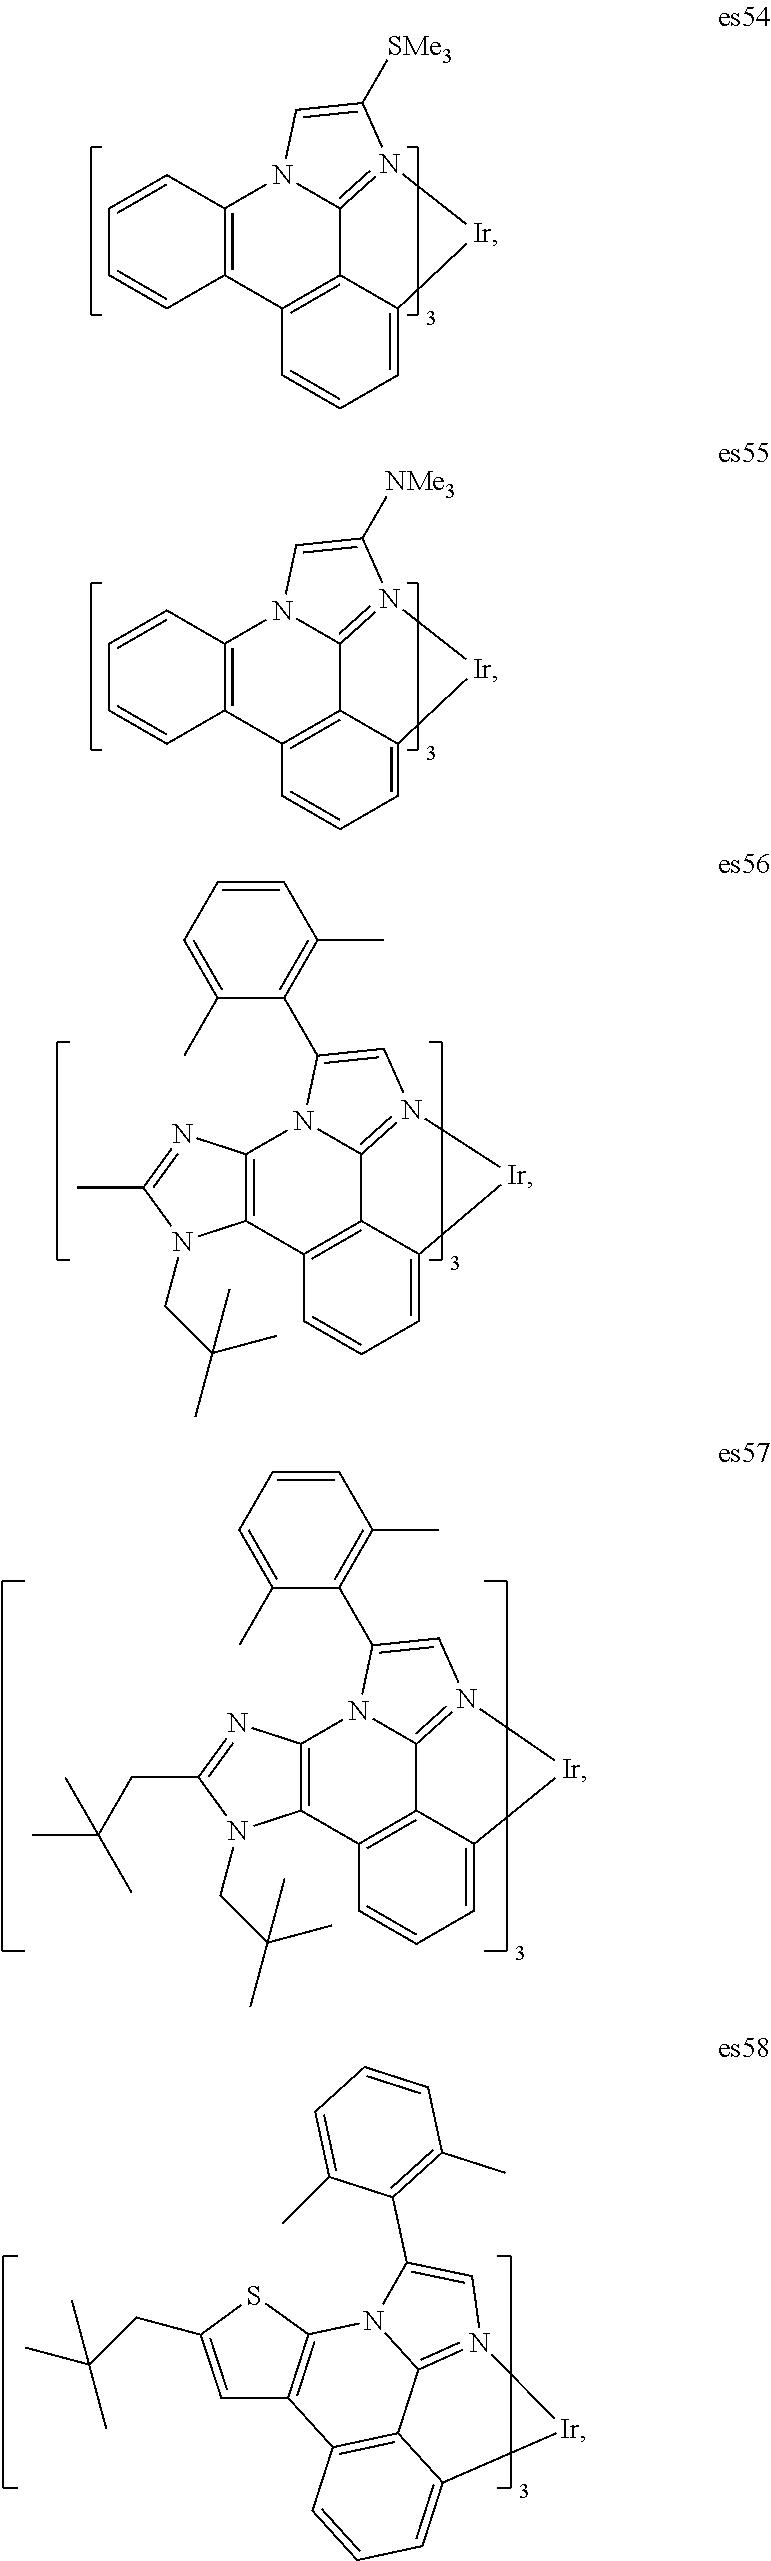 Figure US08142909-20120327-C00030